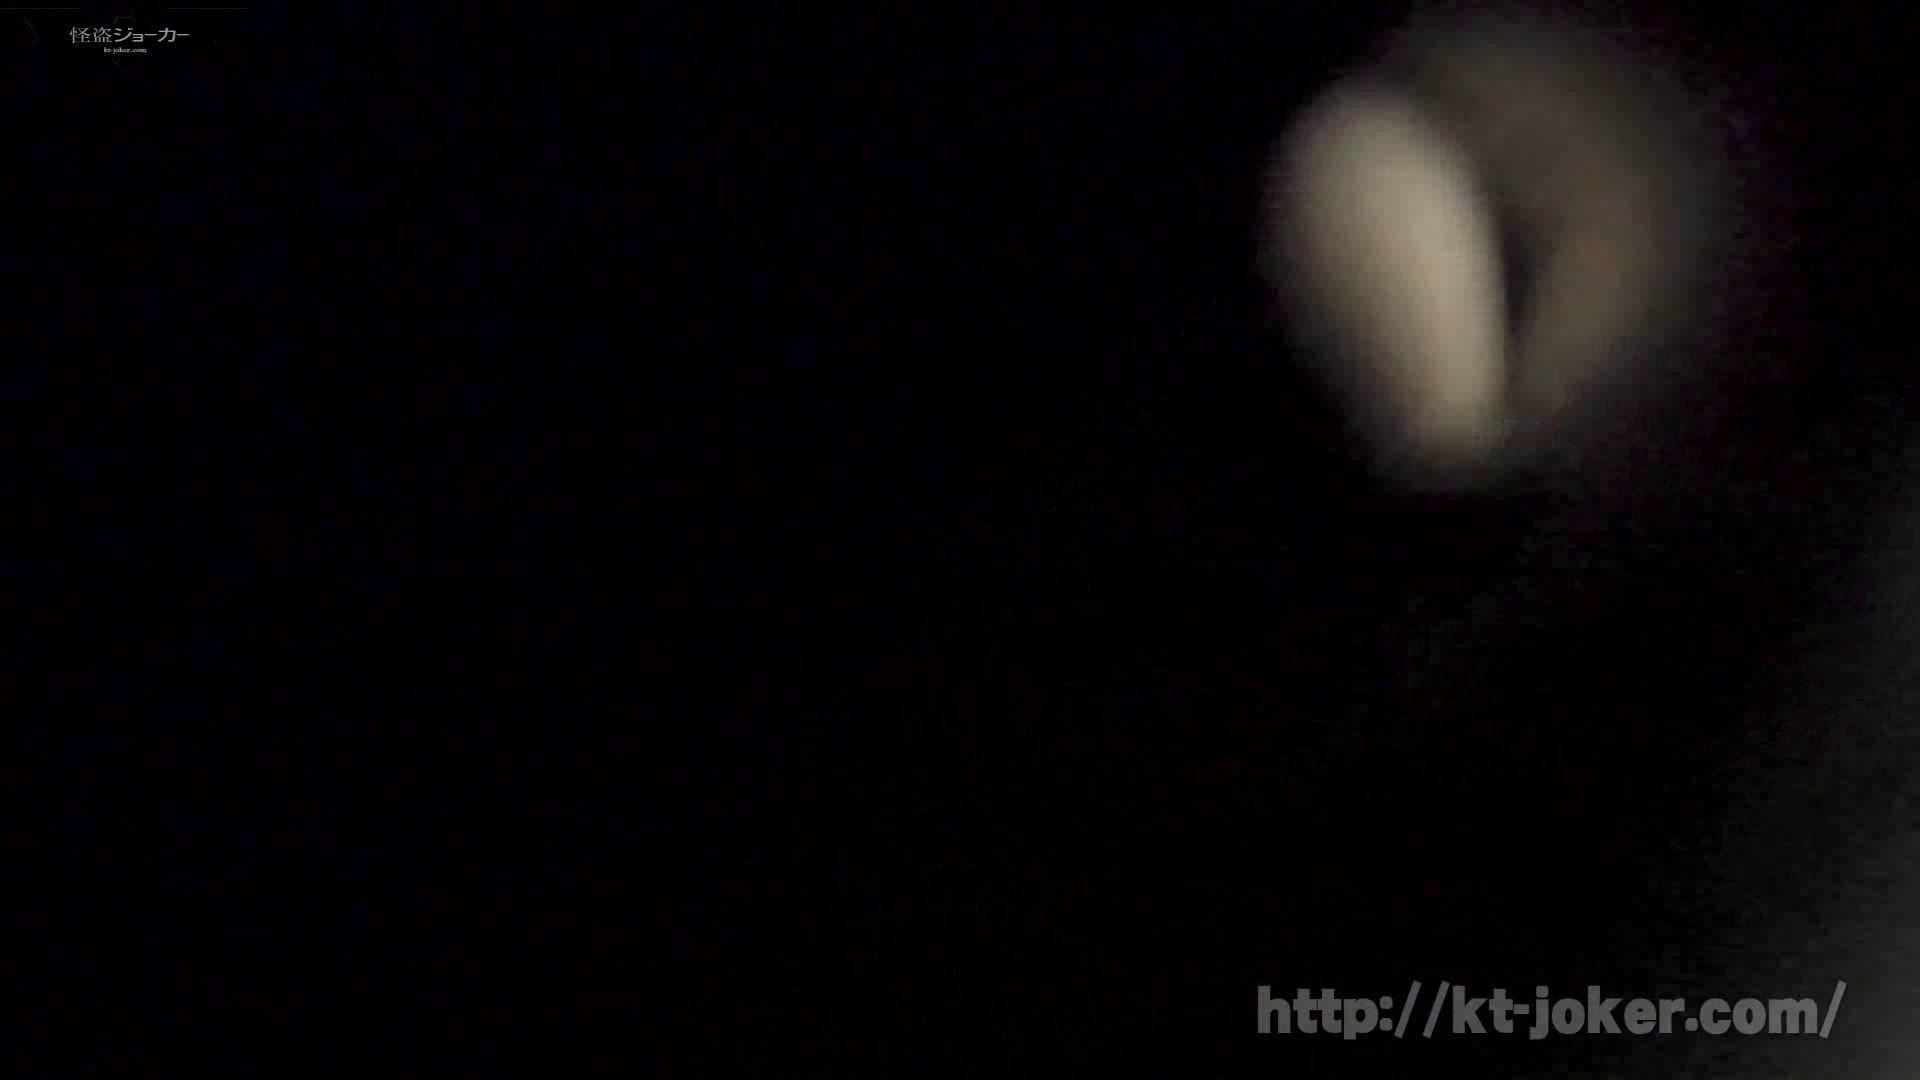 命がけ潜伏洗面所! vol.58 さらなる無謀な挑戦、新アングル、壁に穴を開ける OLエロ画像 のぞき濡れ場動画紹介 72PICs 47